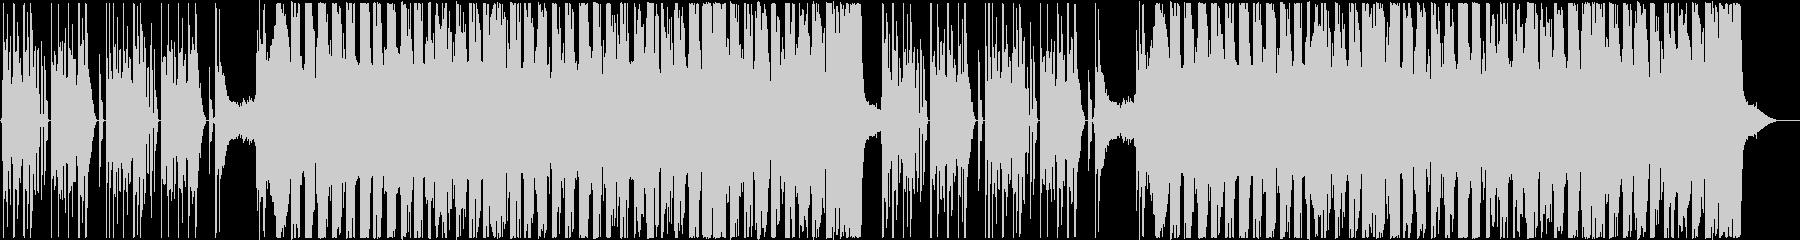 アコギのストロークが印象的なBGMの未再生の波形